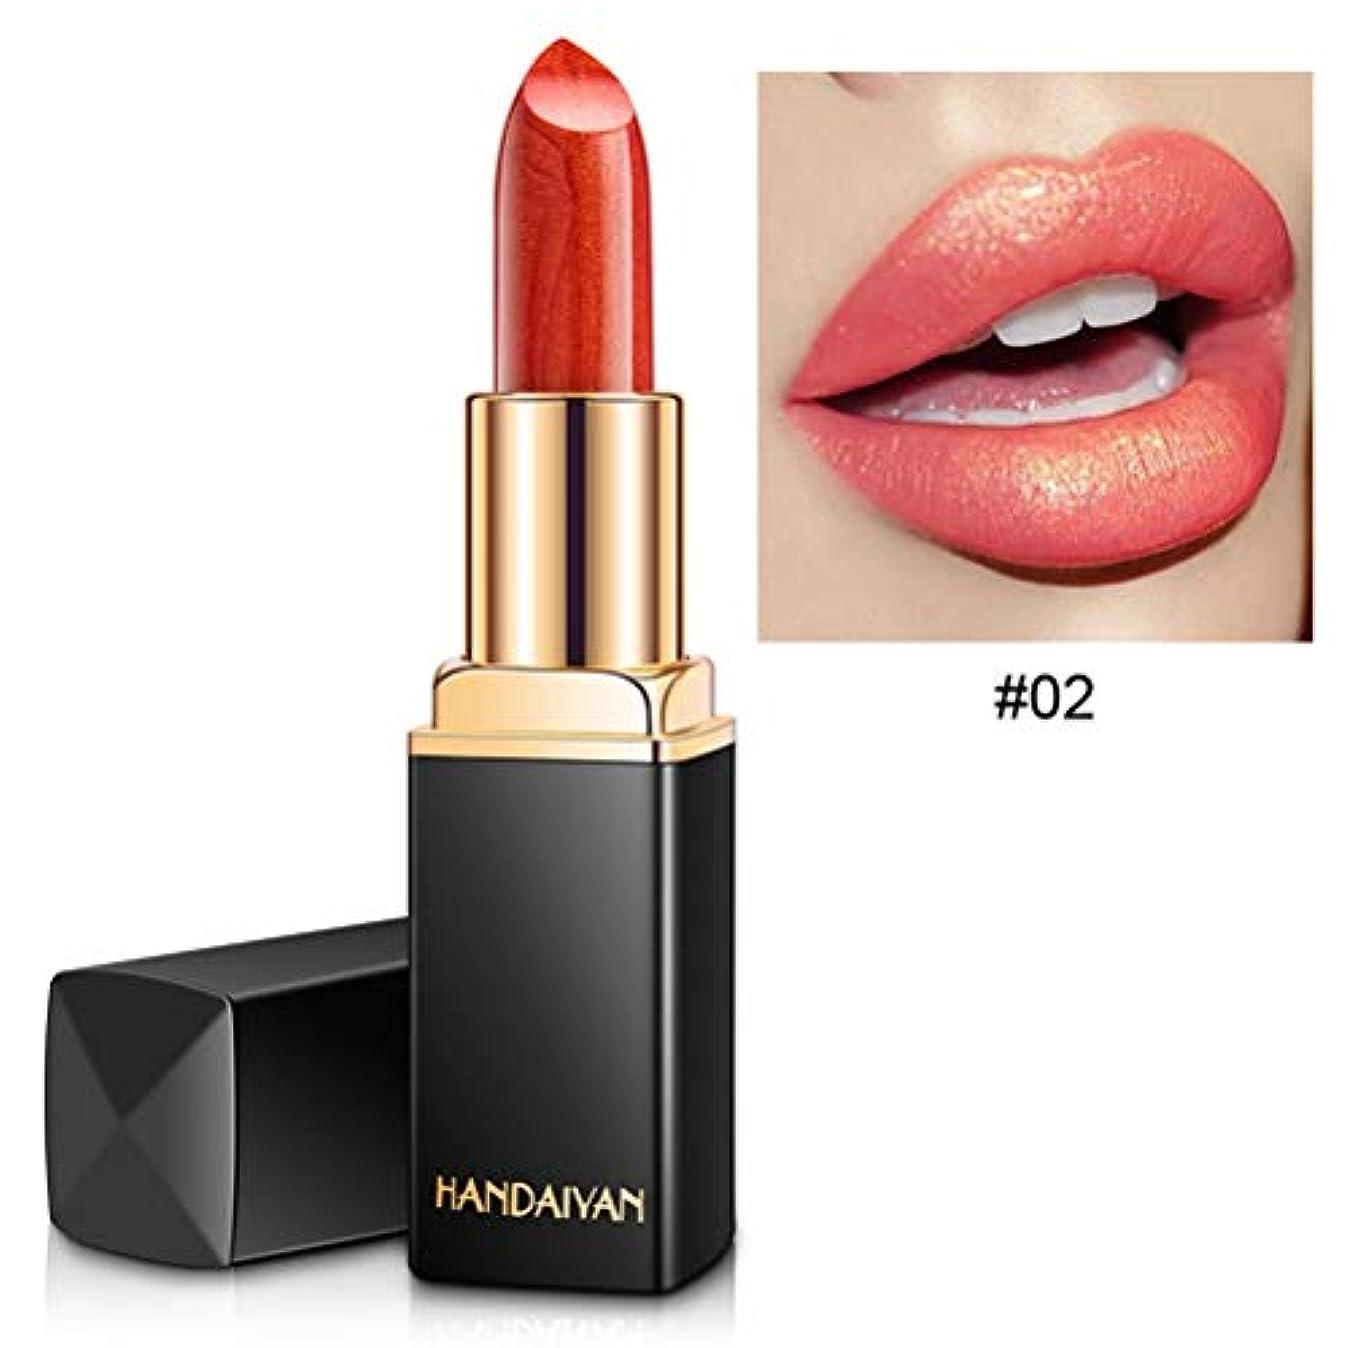 見える行進該当するSupbel 口紅 リップスティック ルージュ リップグロス 優れる発色 キラキラ 光沢 自然なツヤ 長持ち 防水 落ちにくい携帯便利 自然立体 クチュール 化粧品 人気 おしゃれ ギフト 贈り物 唇用